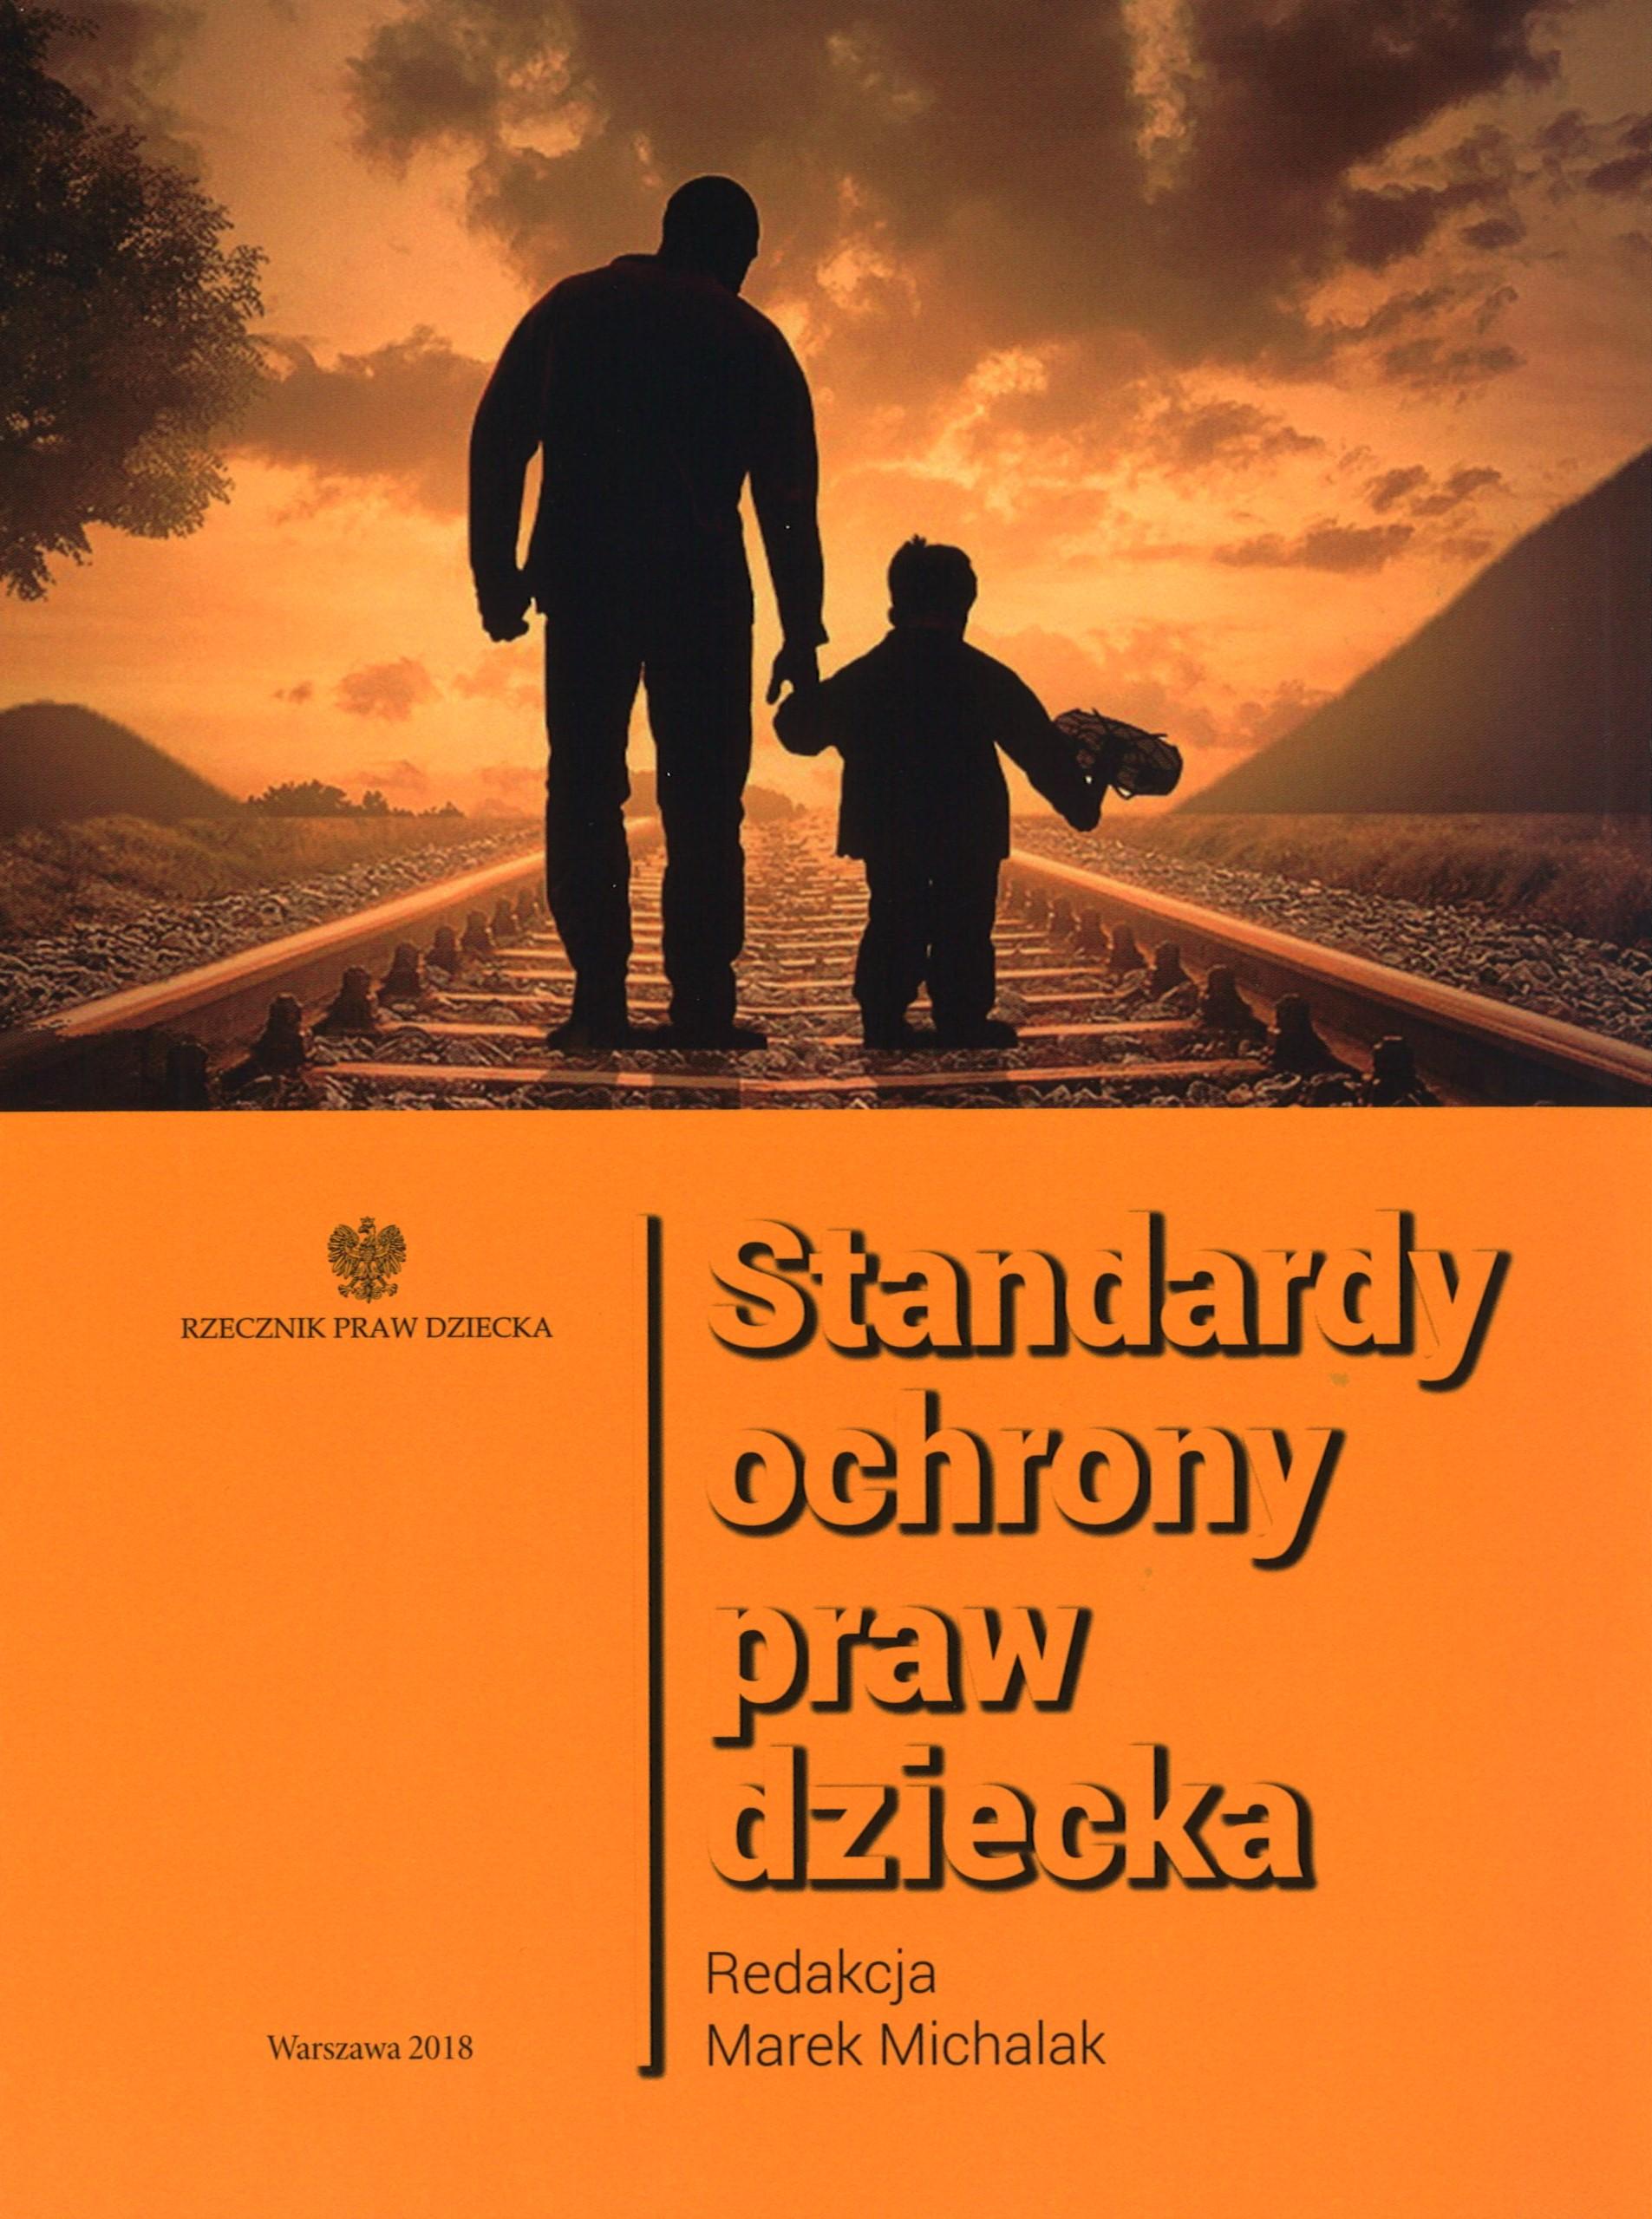 standardy_ochrony_praw_dziecka.jpg